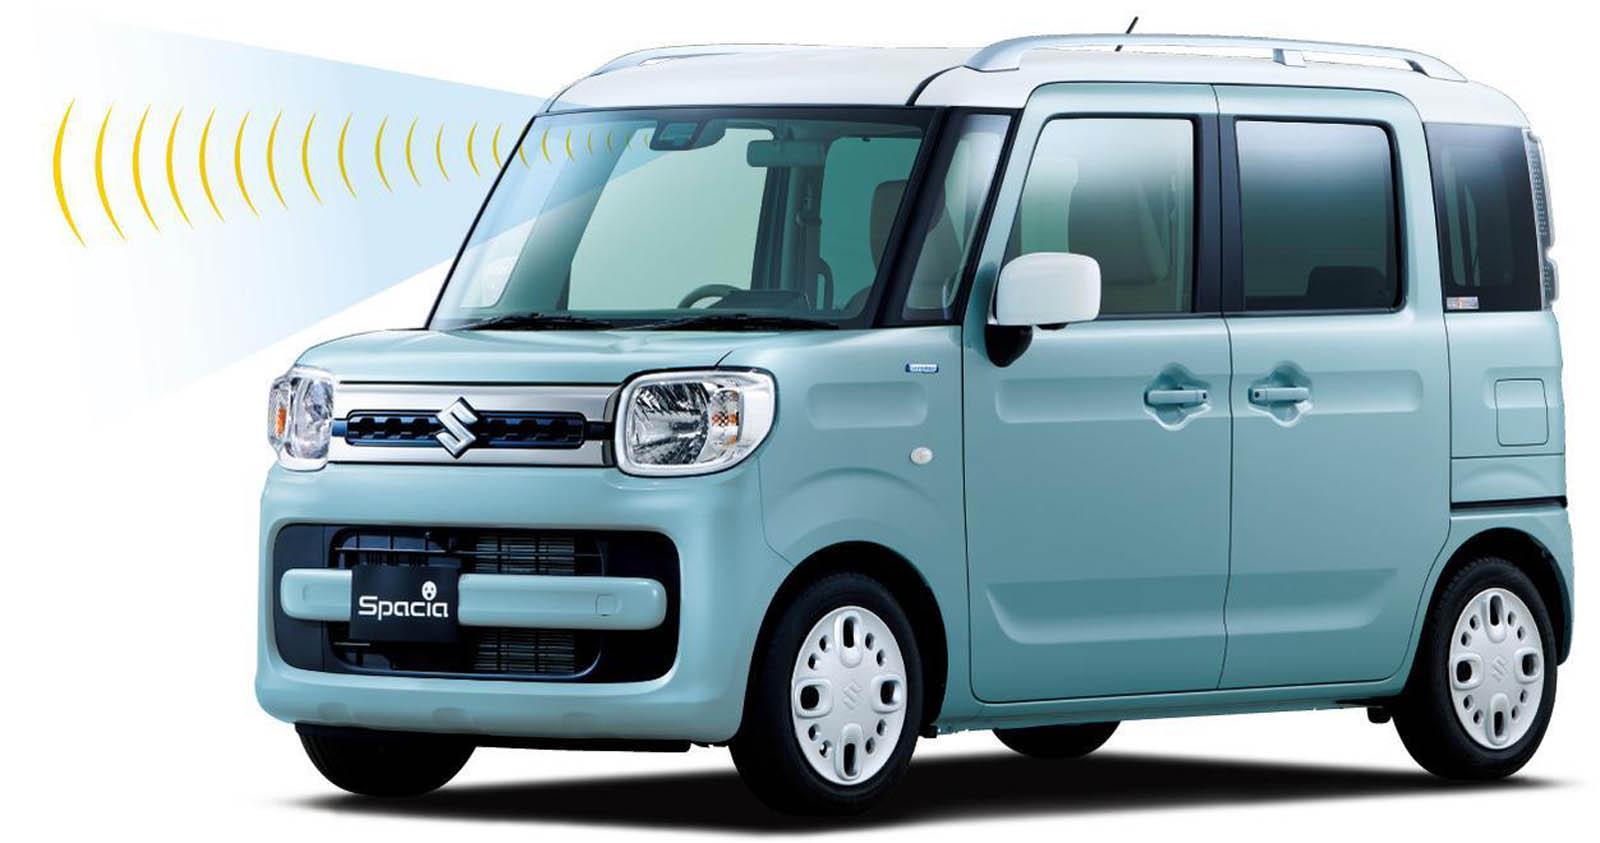 Suzuki Spacia 2018 (51)